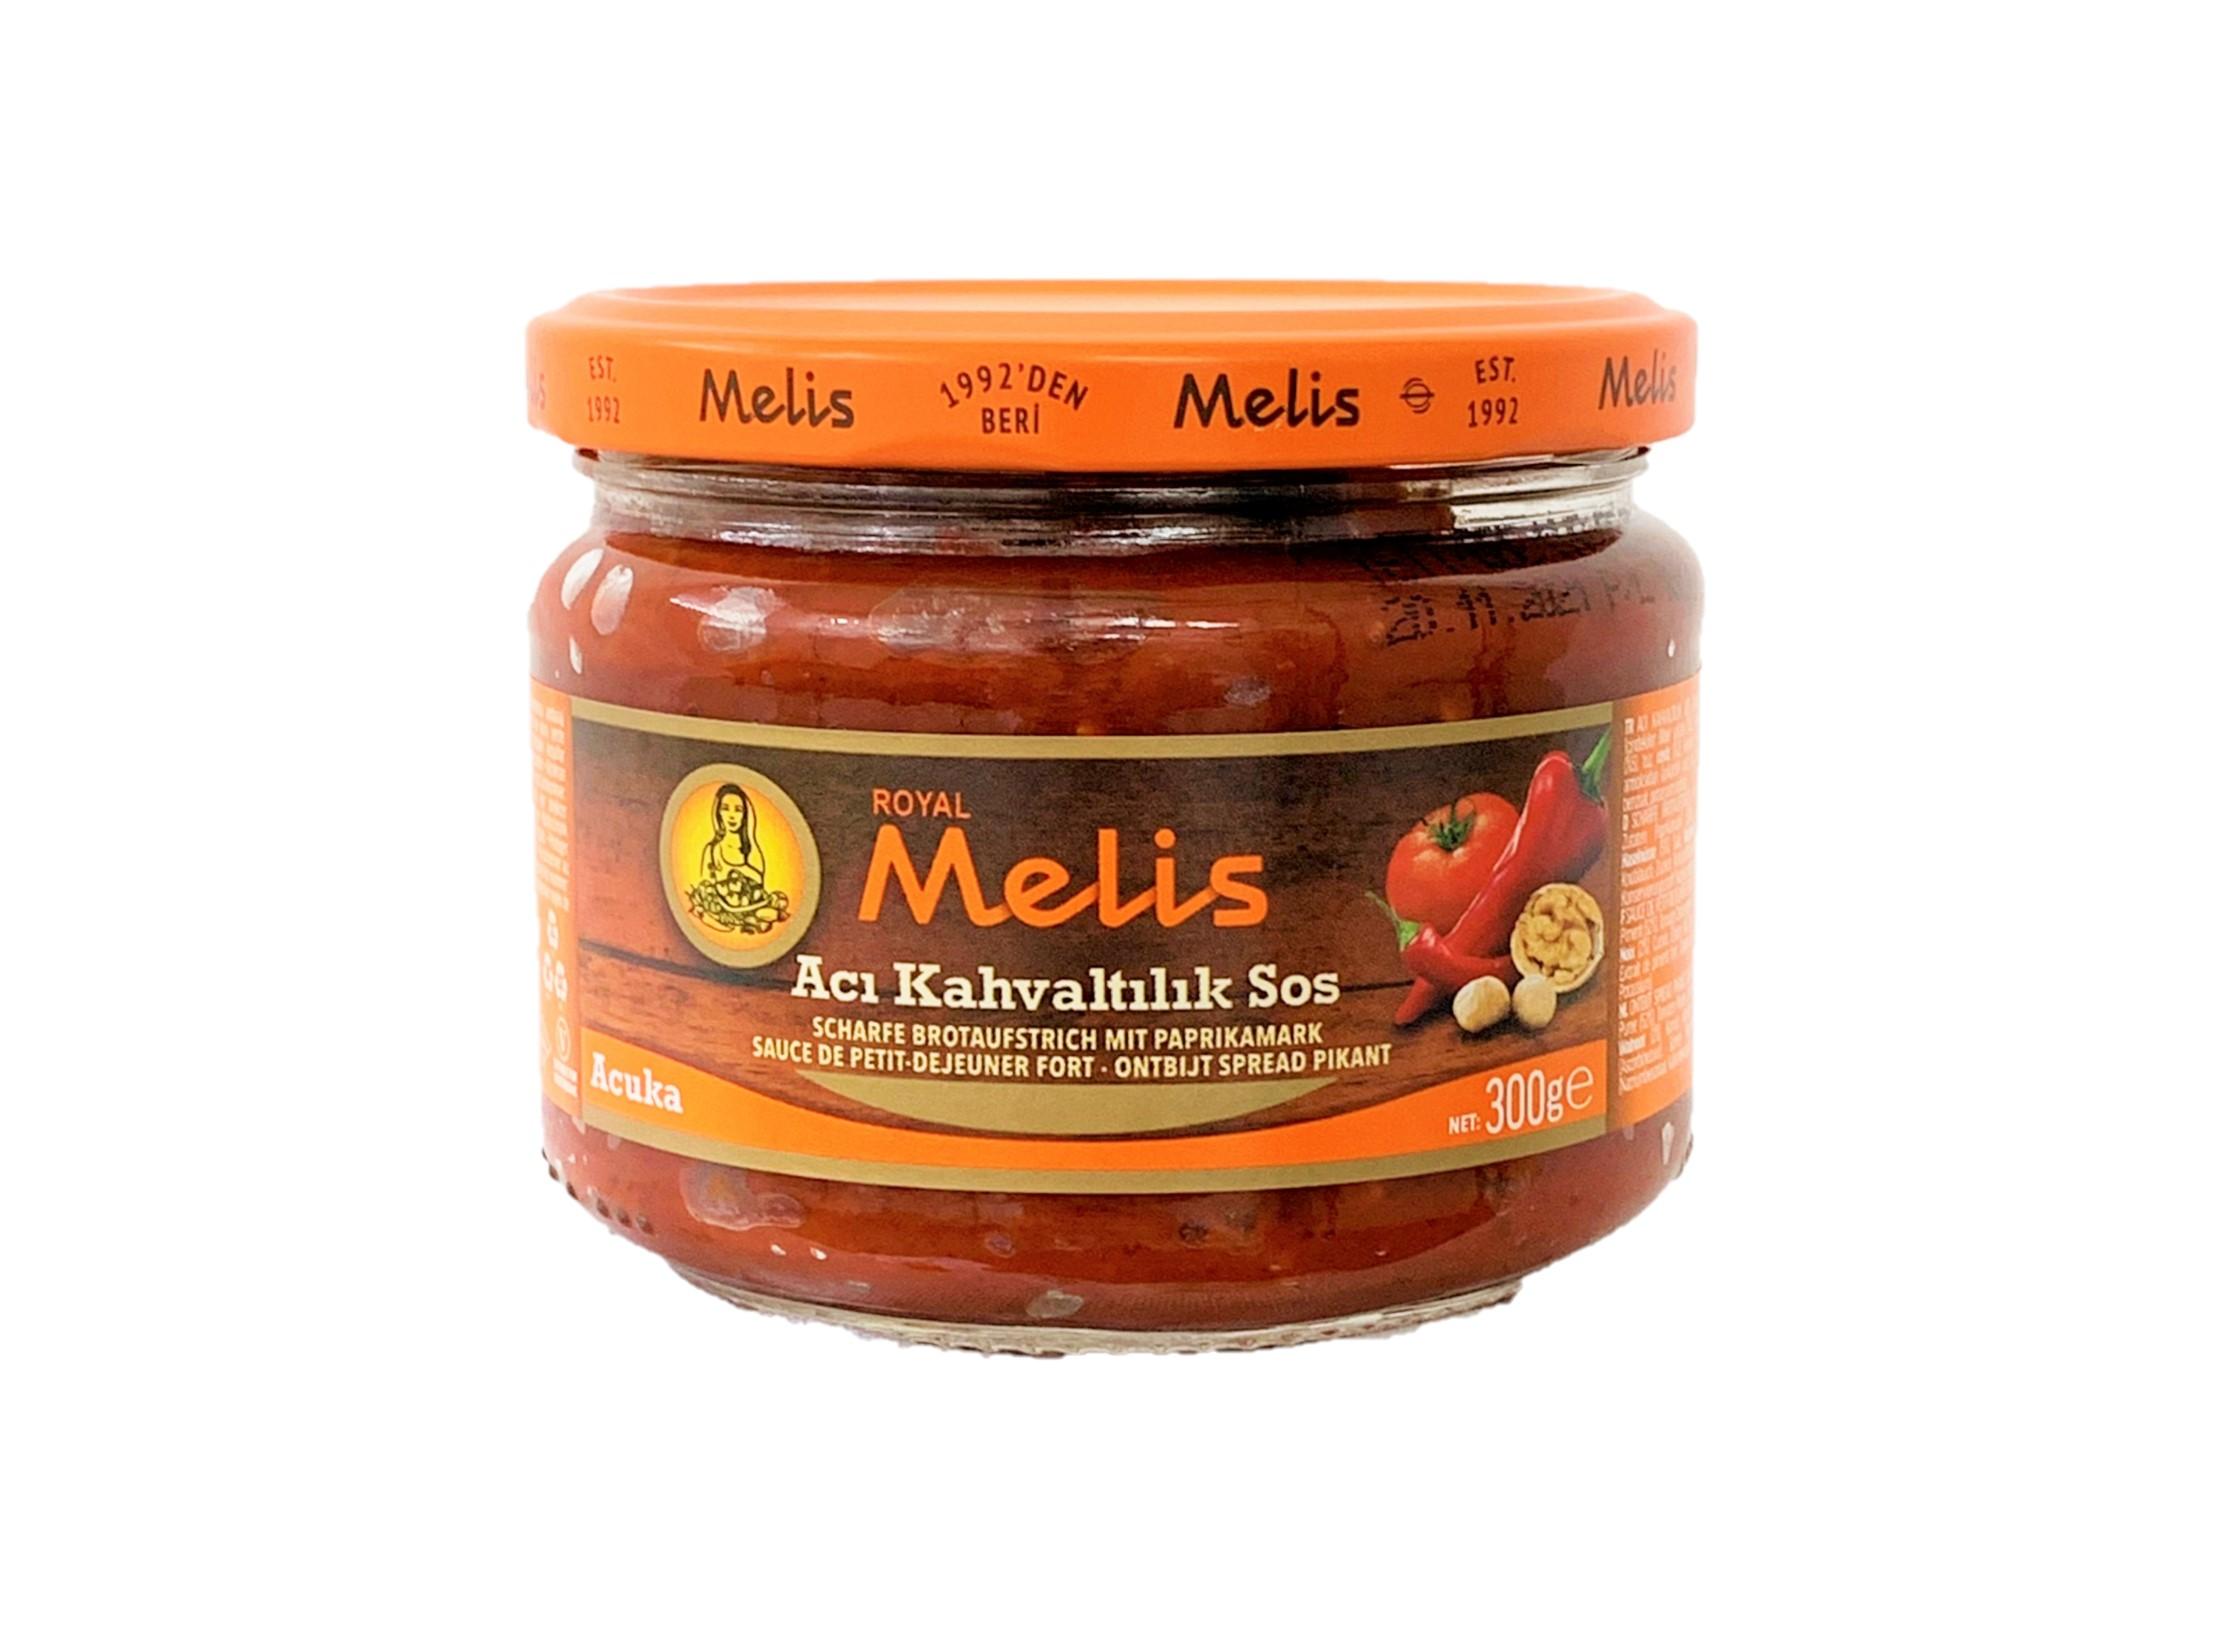 MELIS KAHVALTILIK SOS (sauce petit dej)